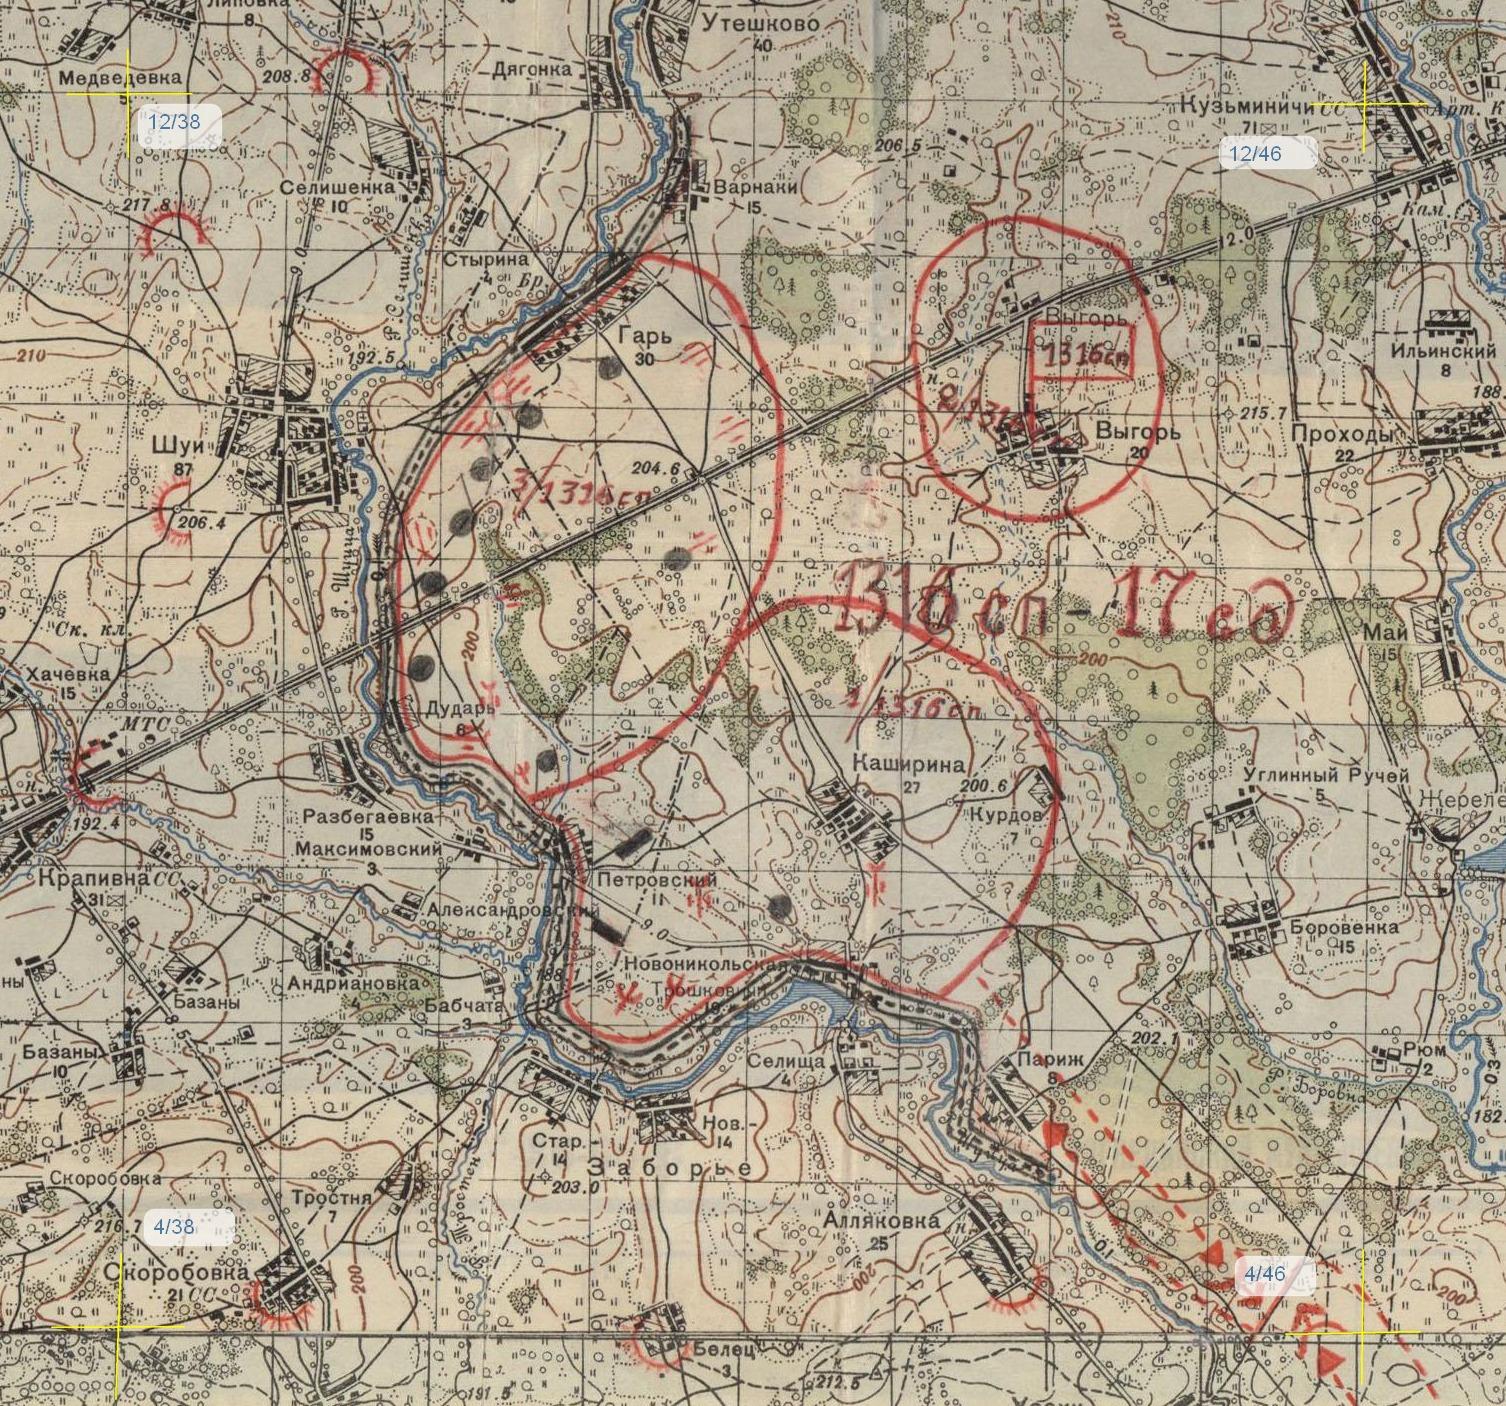 00 карта москвы.jpg